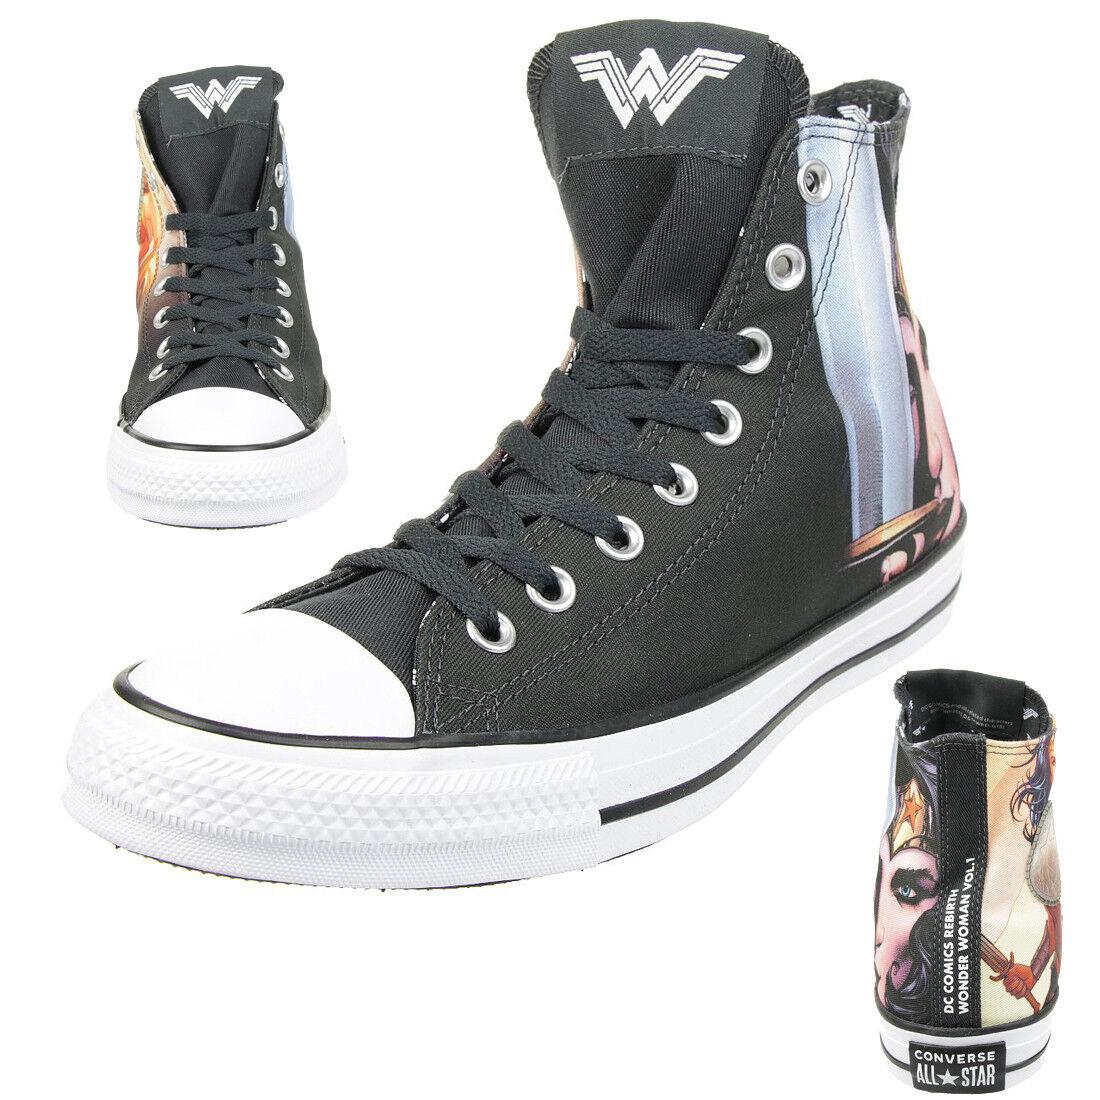 Converse C Taylor A/S Hi CHUCK DC Fumetto Scarpe Tela Wonder Woman 161306c Scarpe classiche da uomo